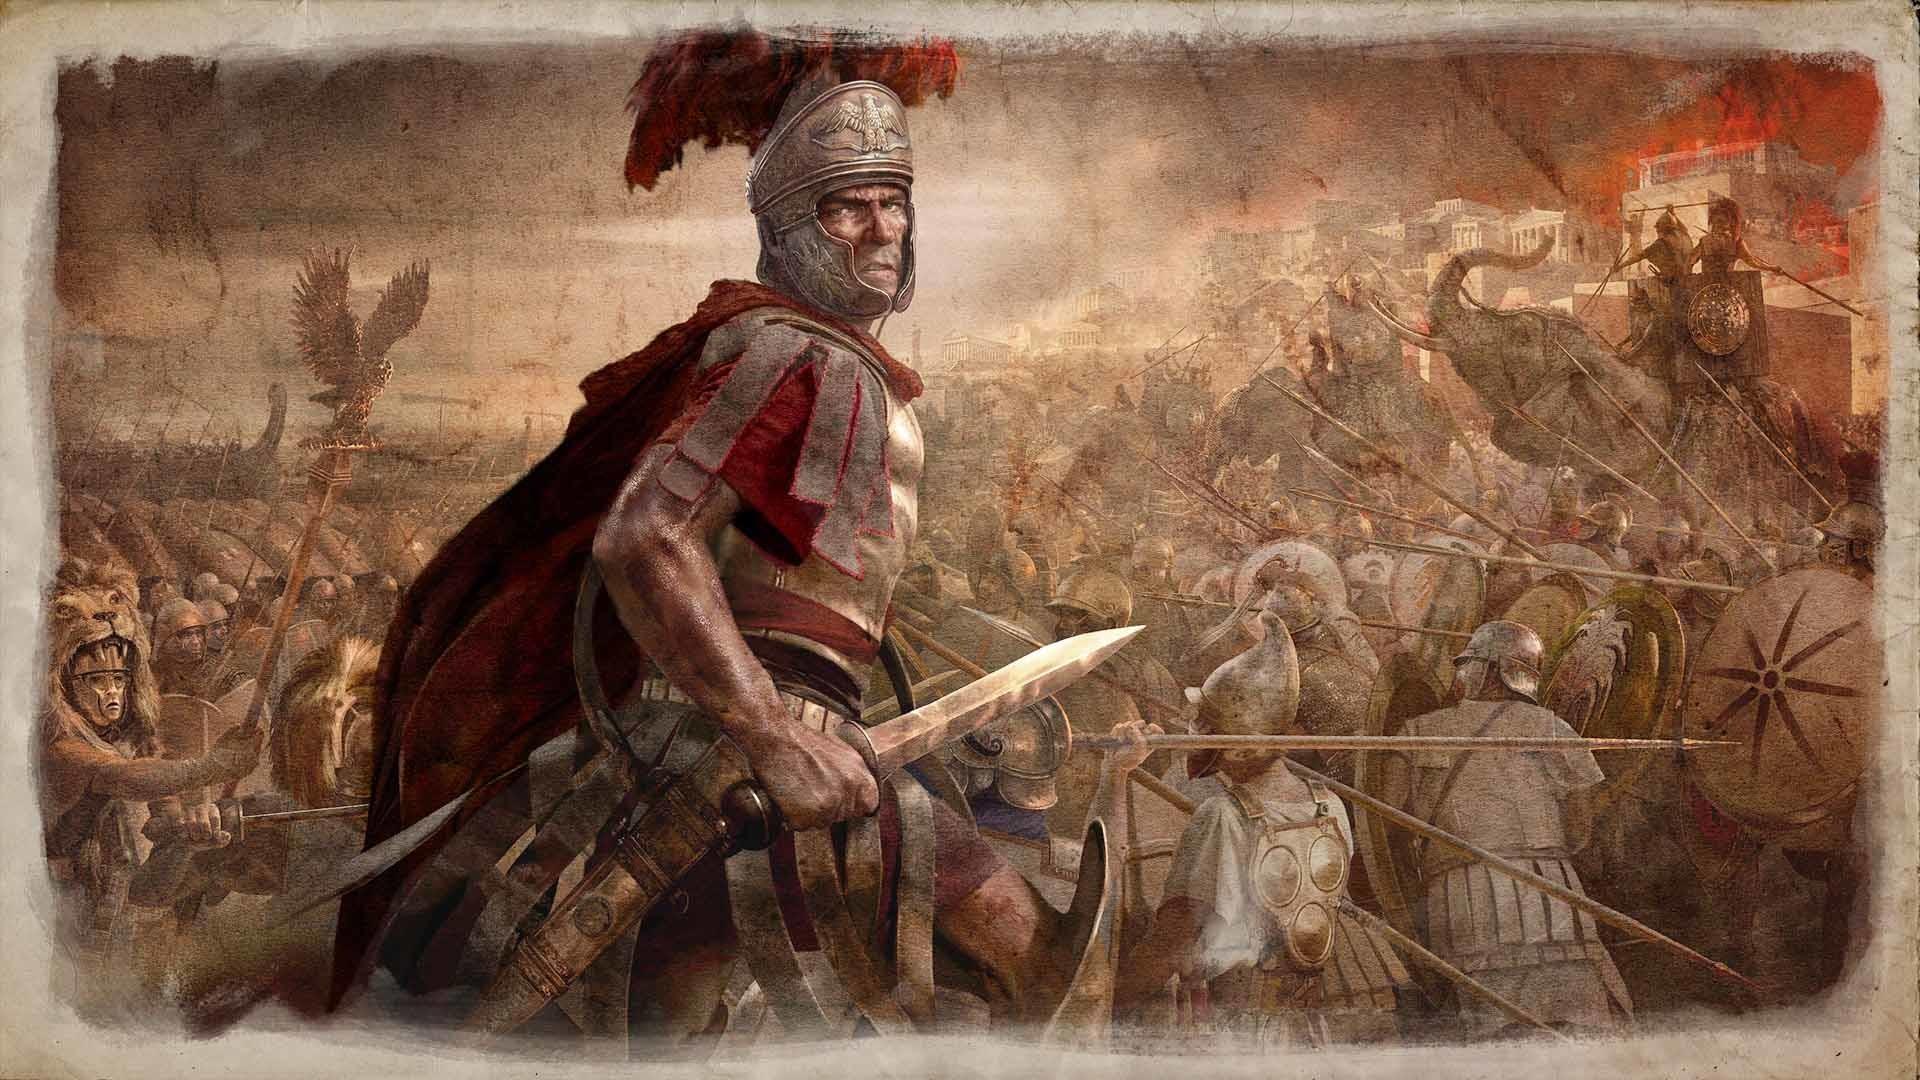 Rome Total War Rome Wallpaper 1920×1080 Rome Total War Wallpapers (30  Wallpapers)